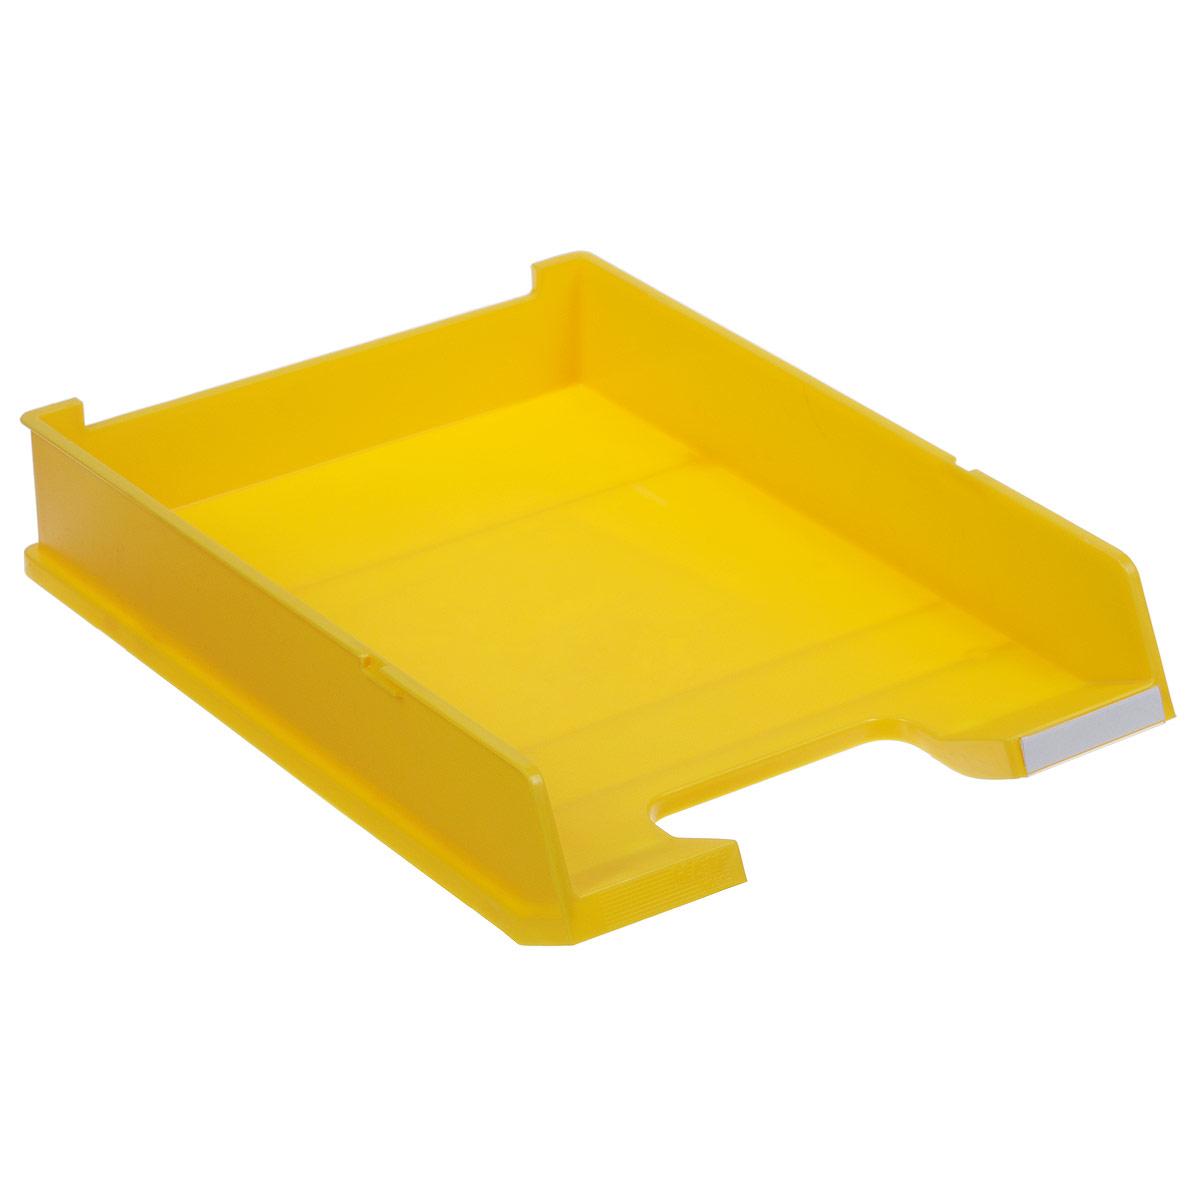 Лоток для бумаг горизонтальный HAN C4, цвет: желтыйFS-54100Горизонтальный лоток для бумаг HAN C4 предназначен для хранения бумаг и документов формата А4. Лоток с оригинальным дизайном корпуса поможет вам навести порядок на столе и сэкономить пространство.Лоток изготовлен из экологически чистого непрозрачного антистатического пластика. Приподнятая фронтальная часть лотка облегчает изъятие документов из накопителя. Лоток имеет пластиковые ножки, предотвращающие скольжение по столу. Также лоток оснащен небольшим прозрачным окошком для этикетки. Лоток для бумаг станет незаменимым помощником для работы с бумагами дома или в офисе, а его стильный дизайн впишется в любой интерьер. Благодаря лотку для бумаг, важные бумаги и документы всегда будут под рукой.Несколько лотков можно ставить друг на друга, один в другой и друг на друга со смещением.